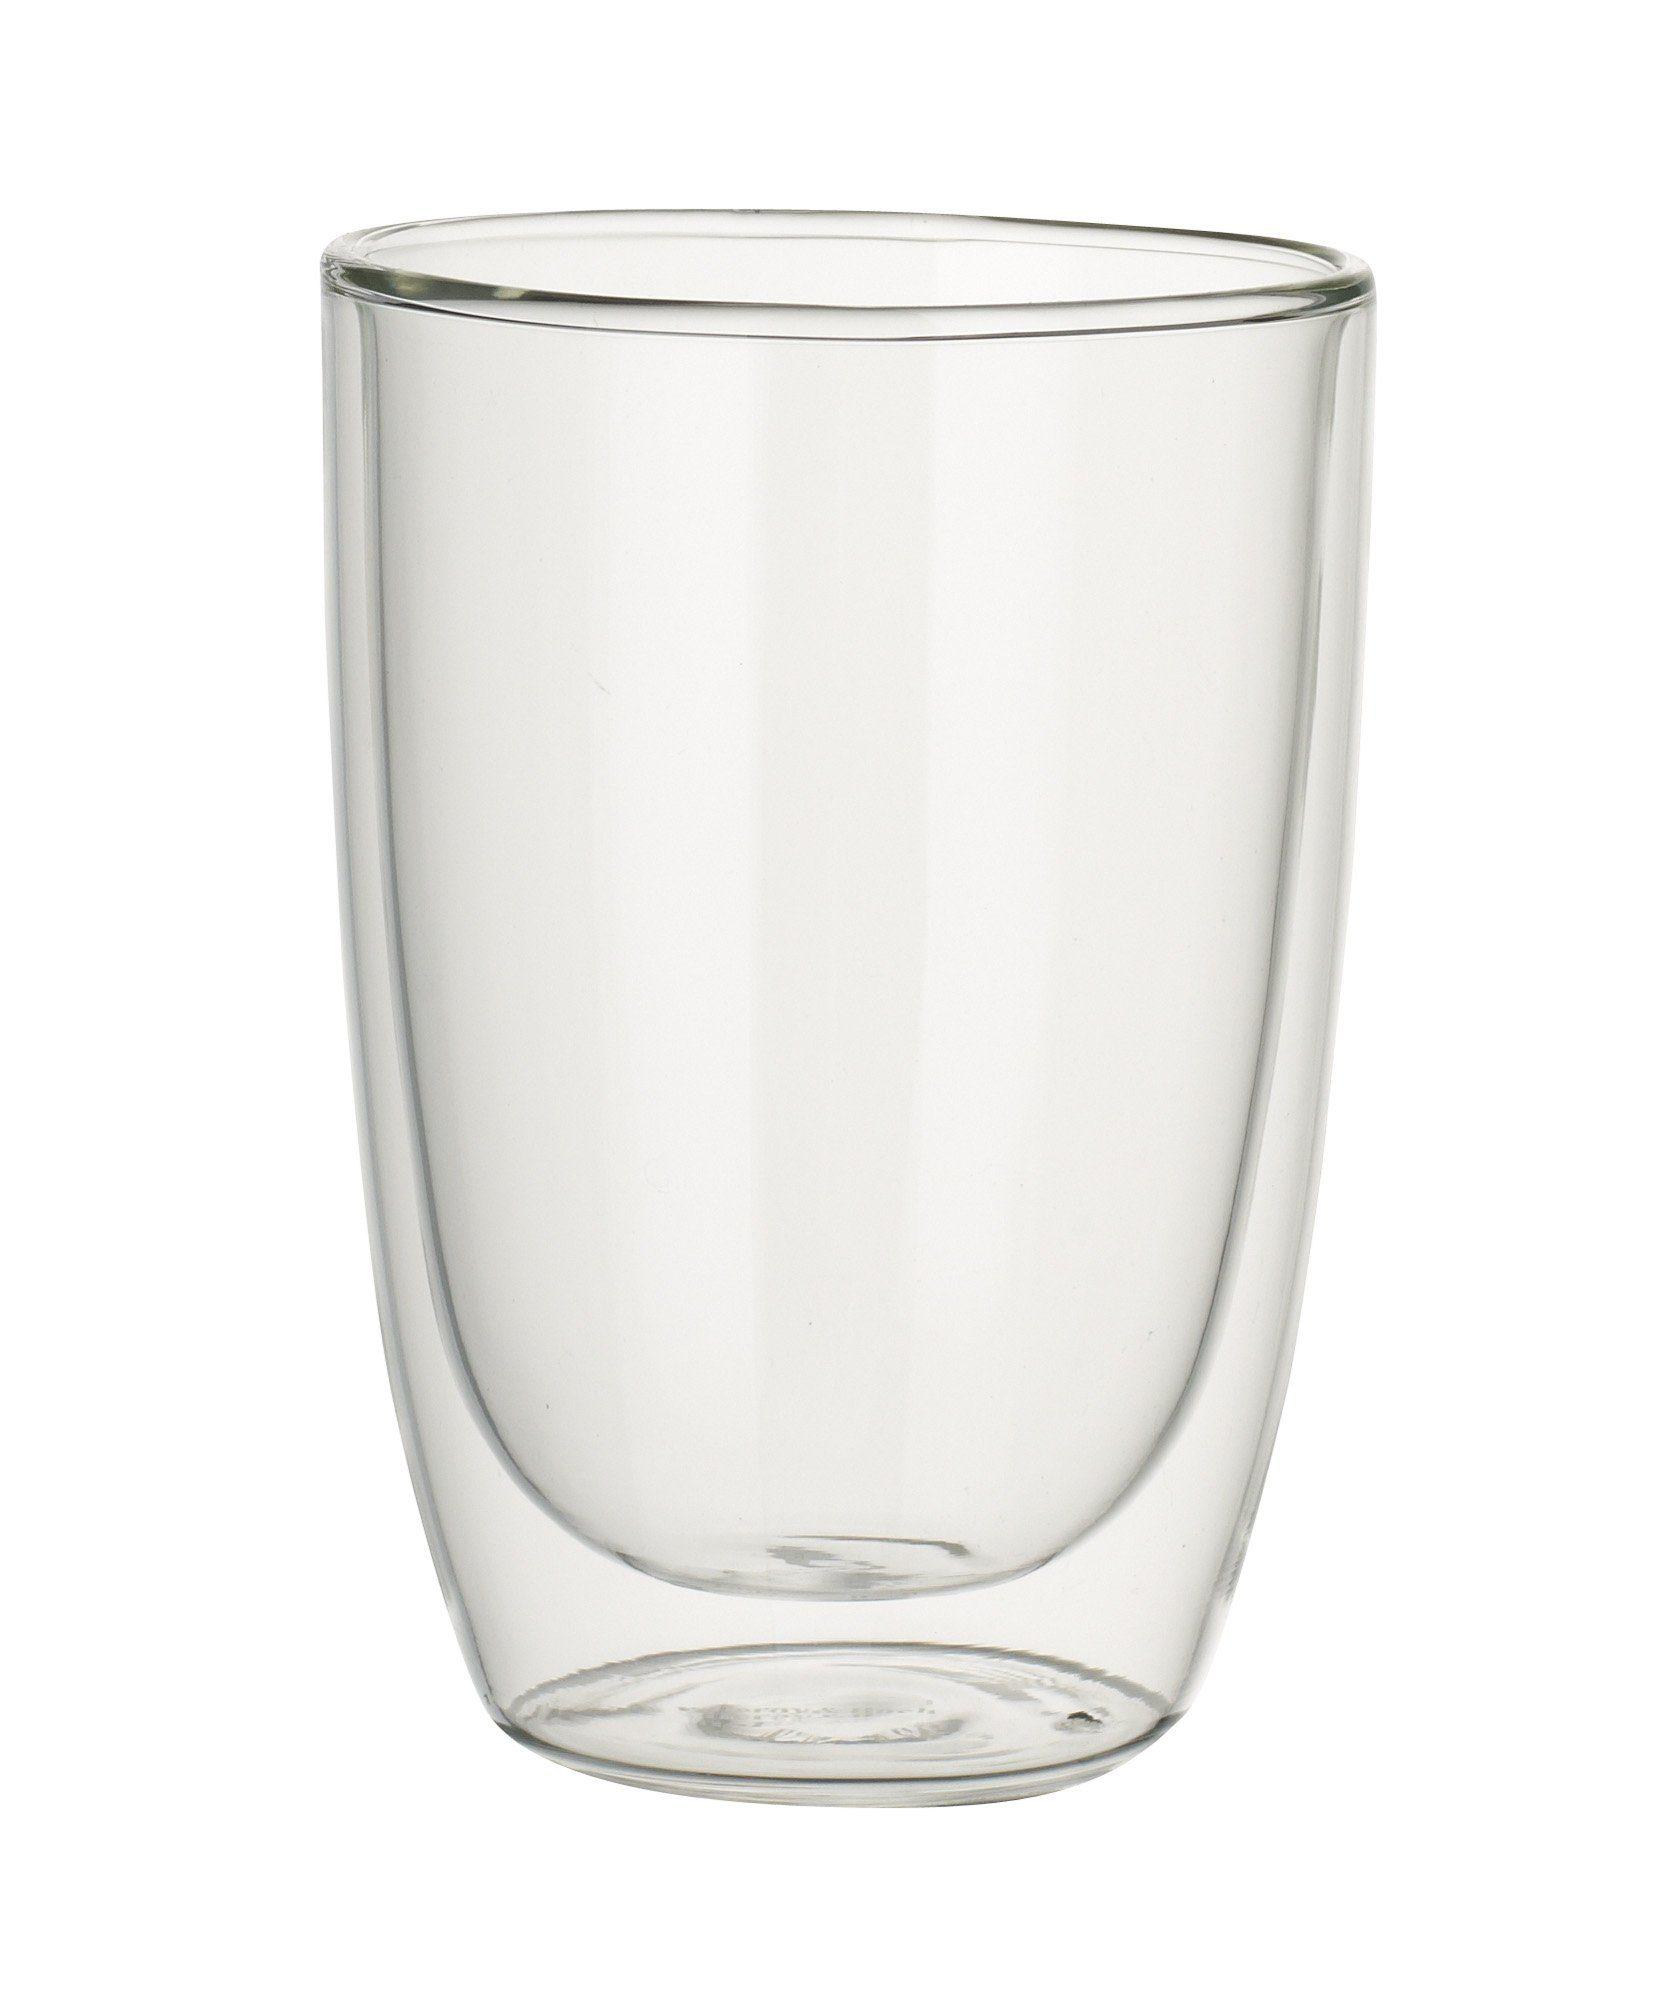 Villeroy & Boch Becher aus Glas Universal »Artesano Hot Beverages«